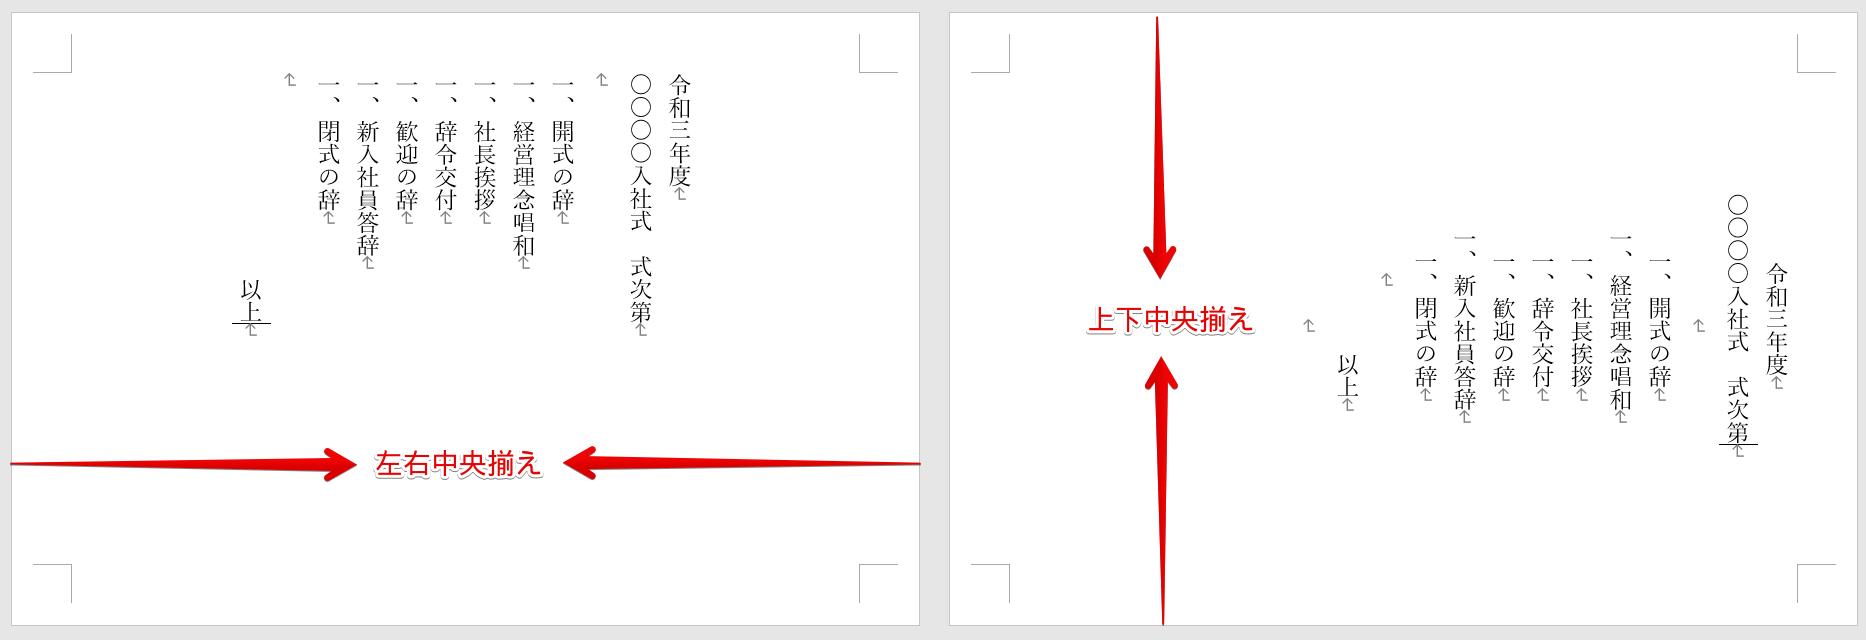 『左右中央揃え』と『上下中央揃え』の違い